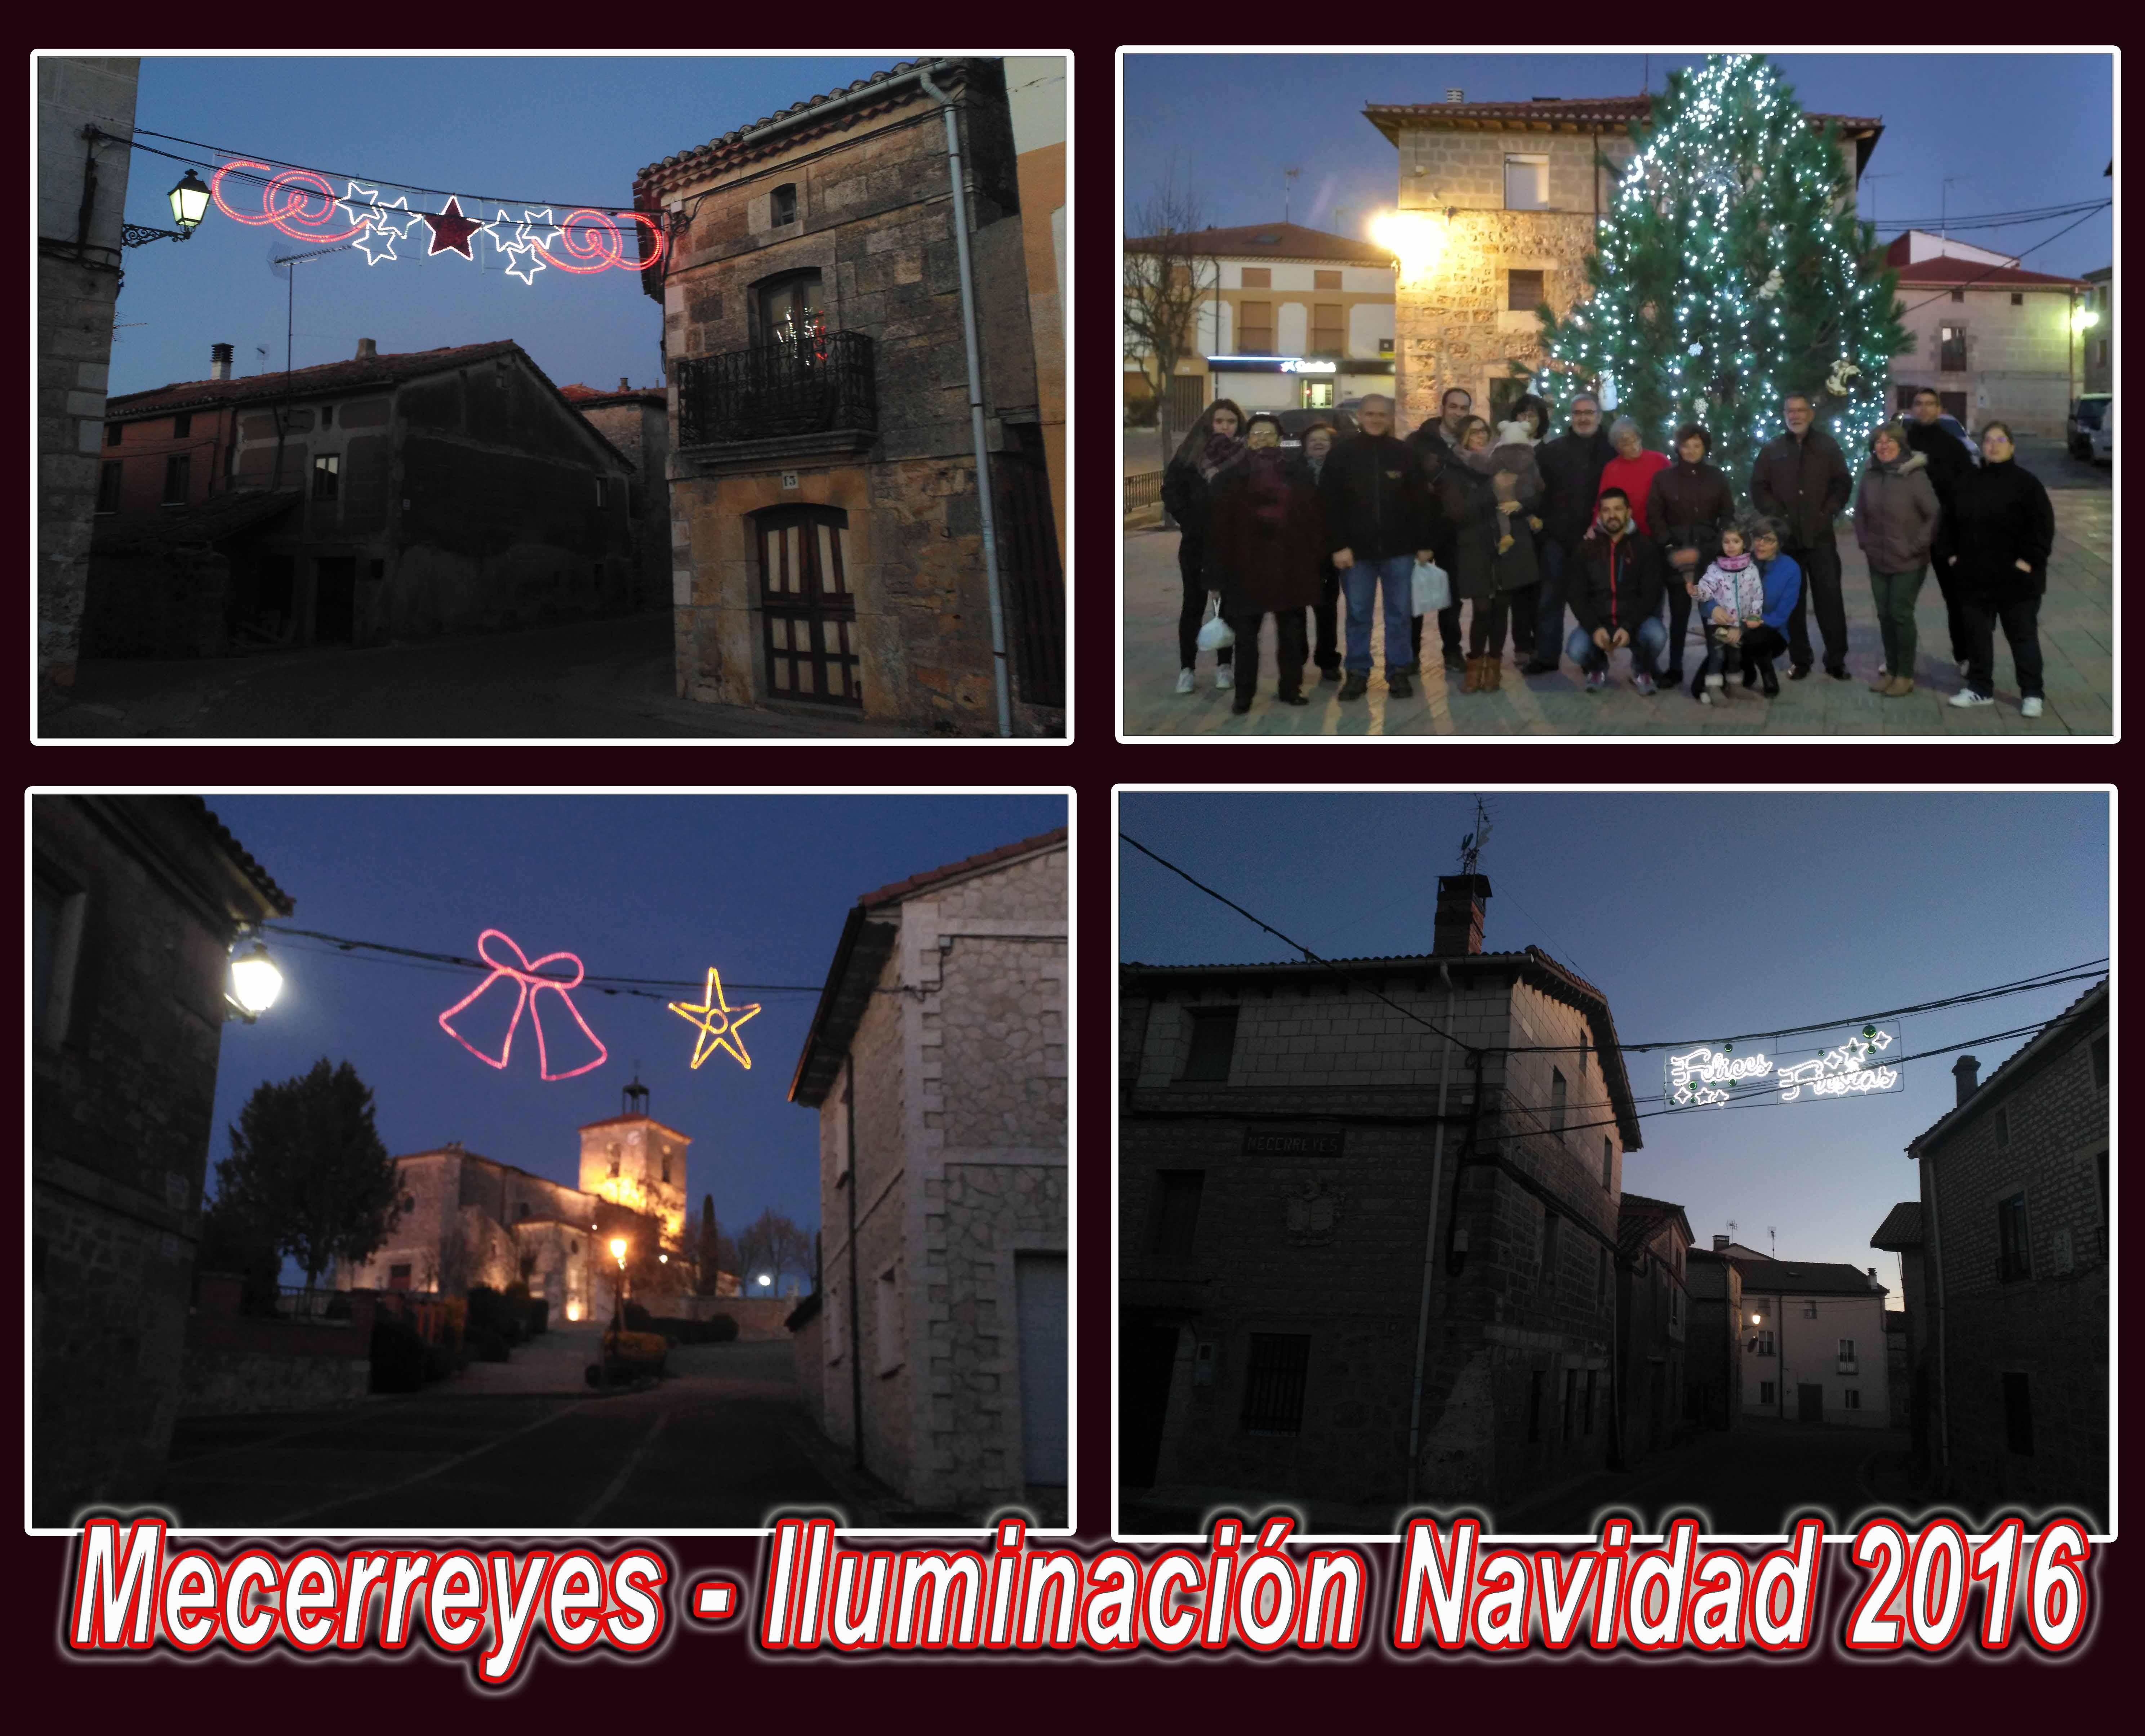 Mecerreyes, iluminación navideña 2016